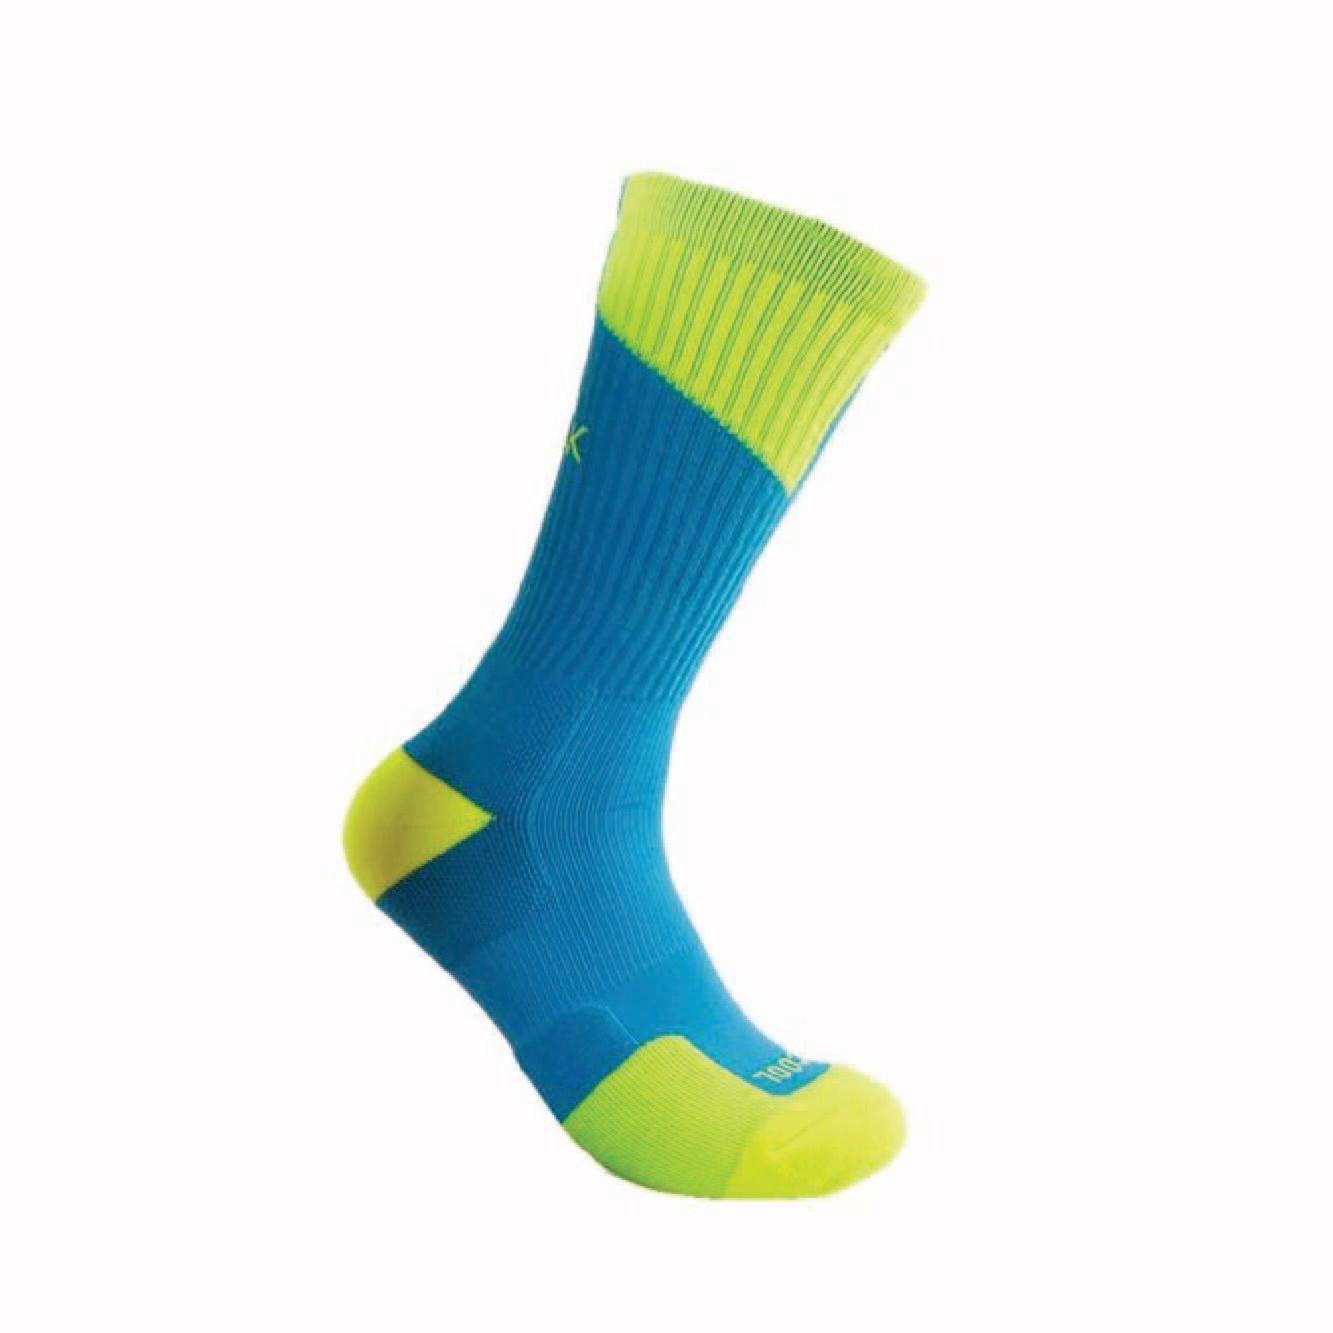 Peak High Cut Basketball Sock (Sky Blue / Fluorescent Green)